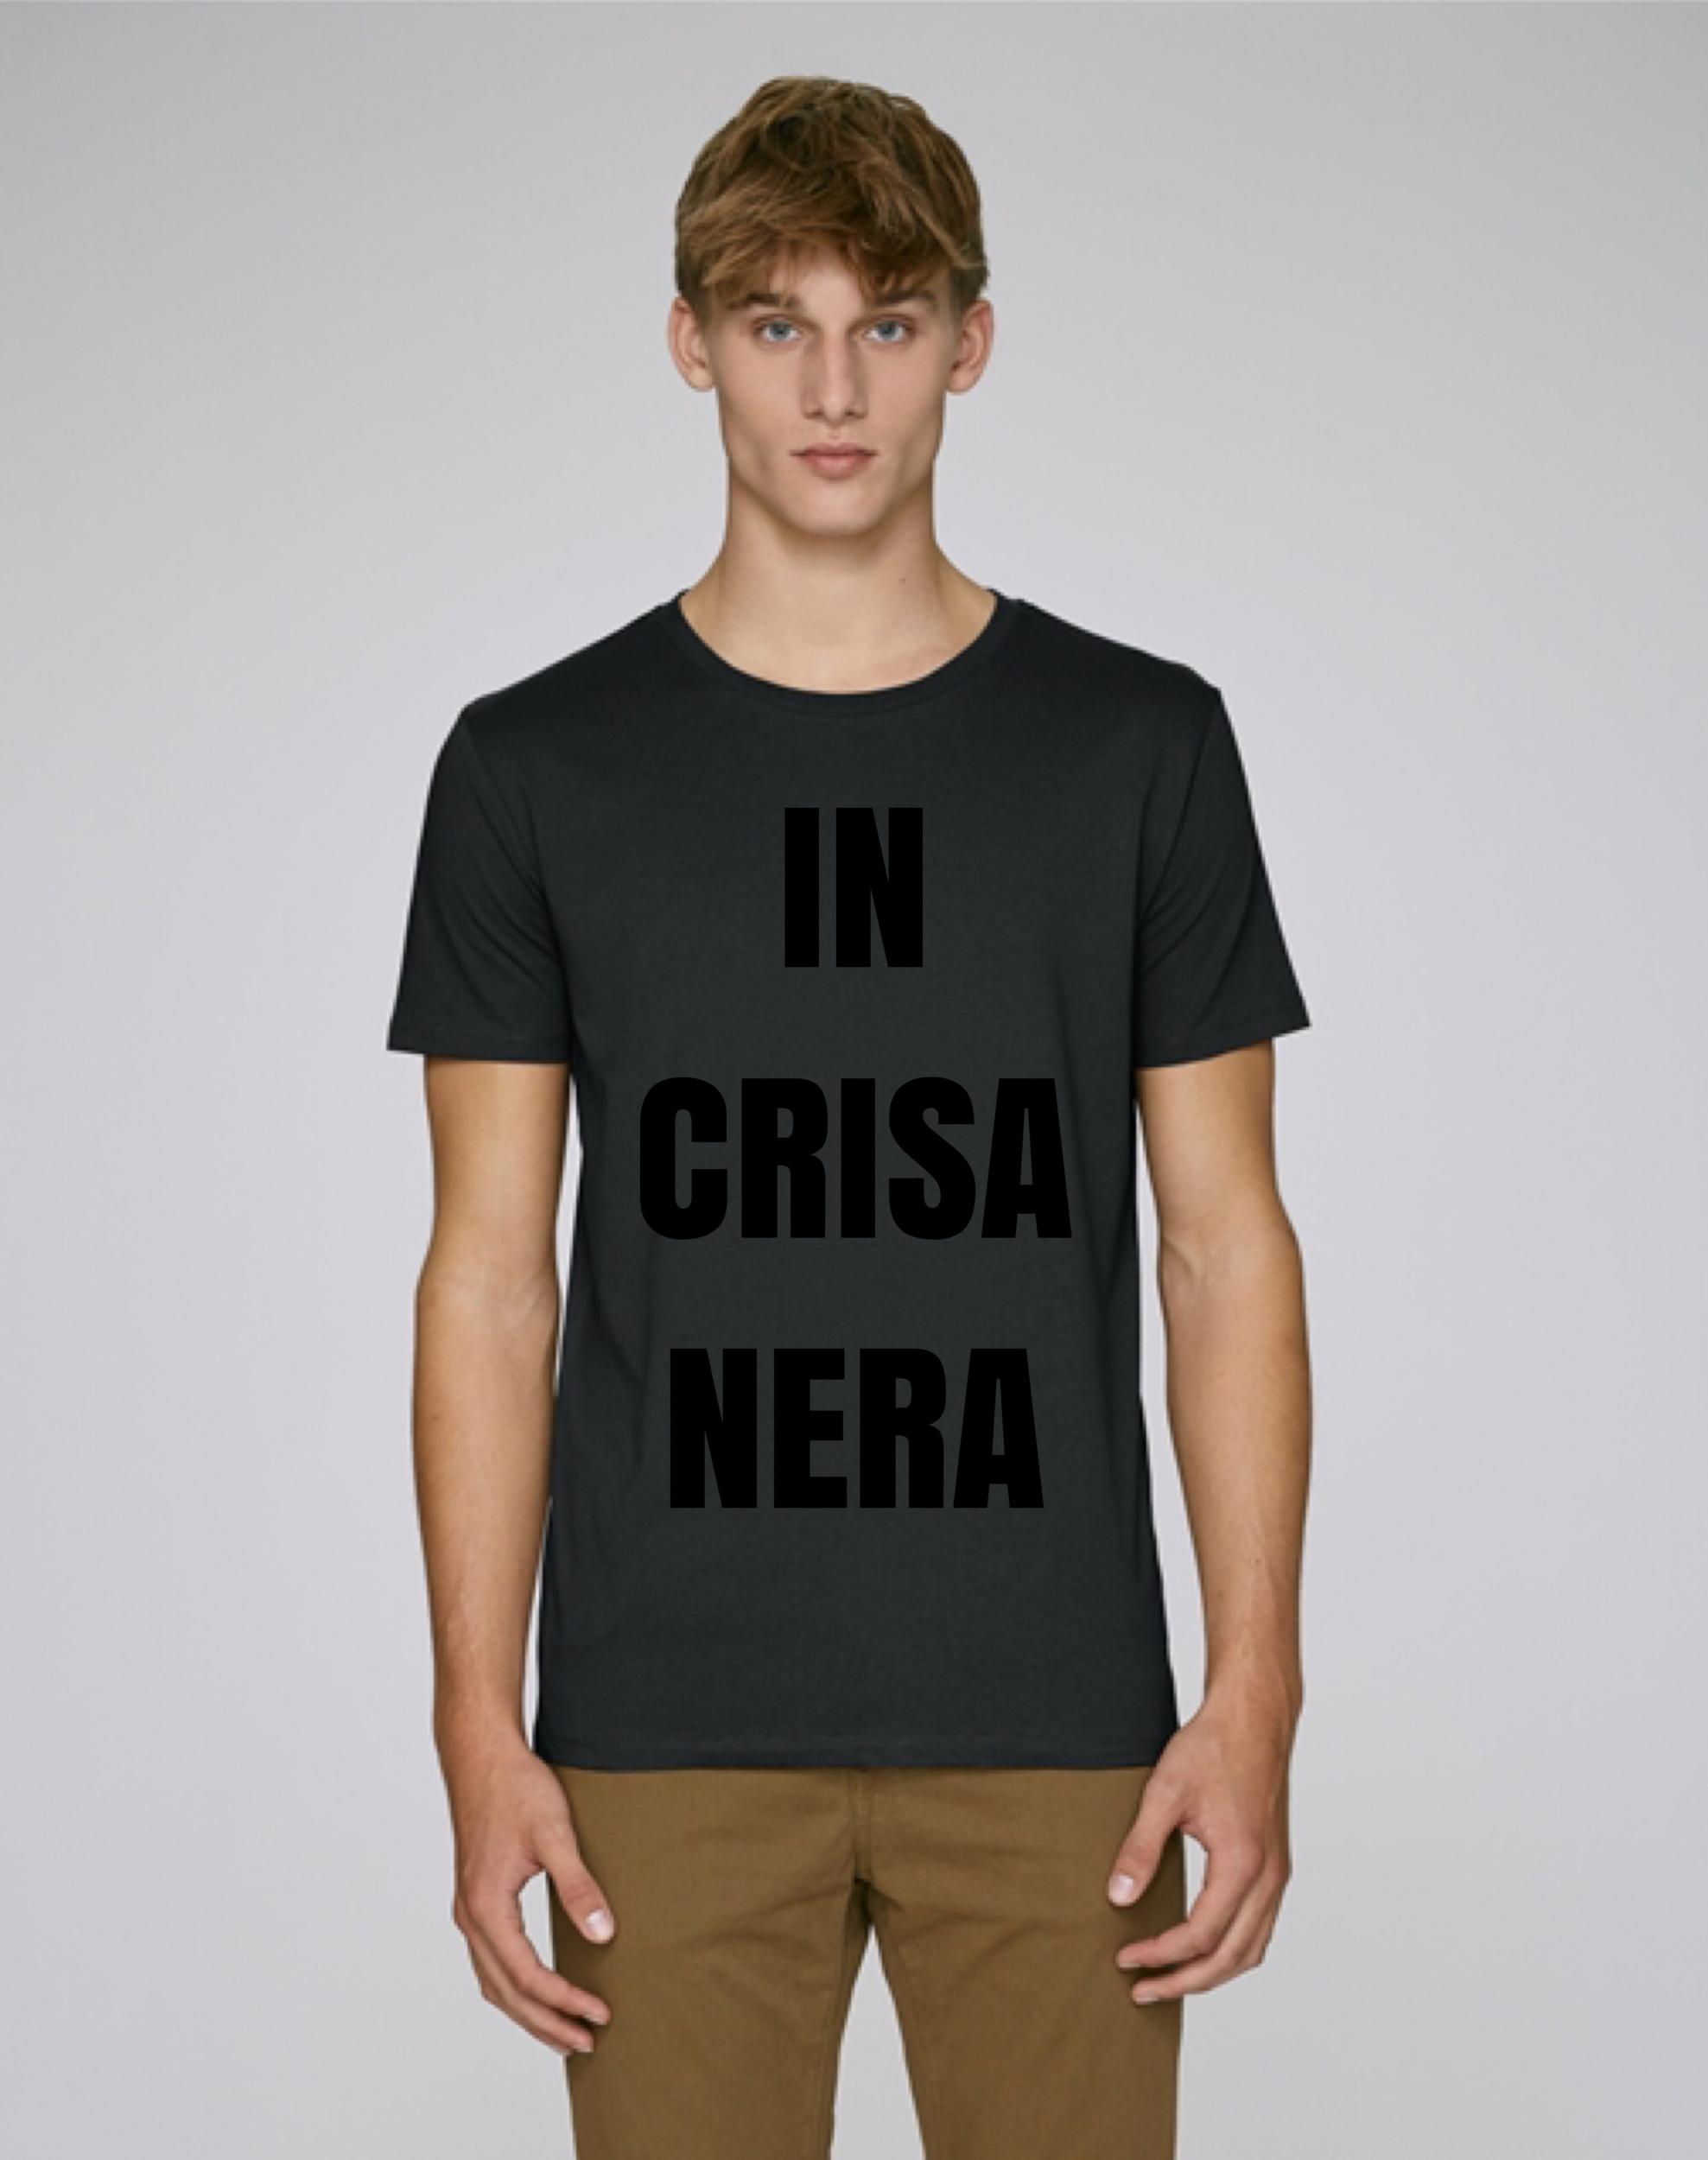 IN CRISA NERA